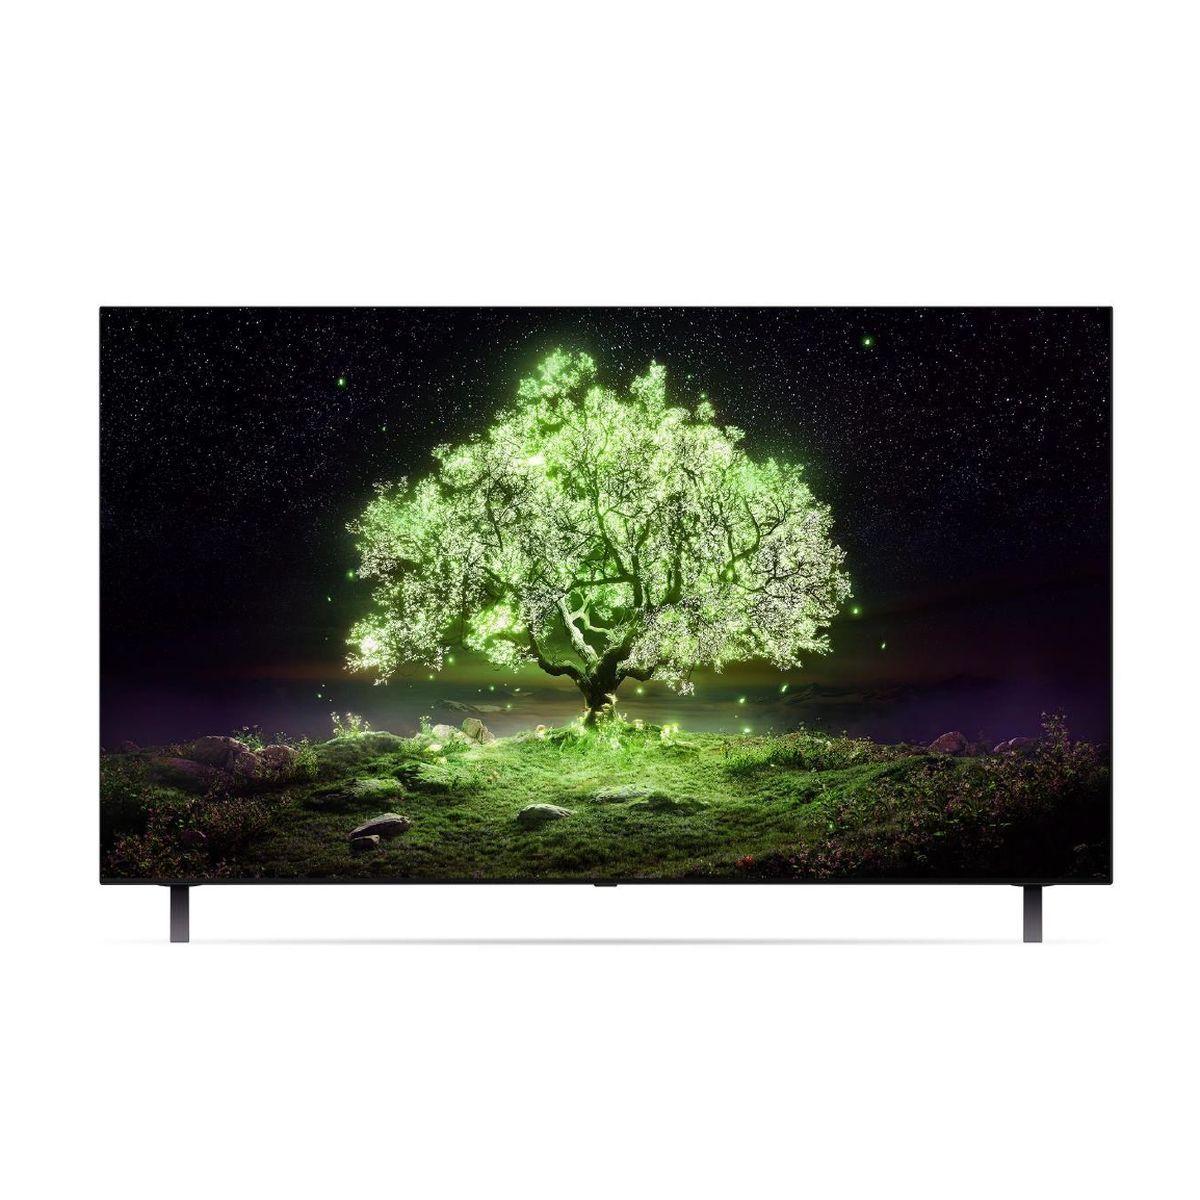 OLED65A1 TV OLED 4K UHD 164 cm Smart TV